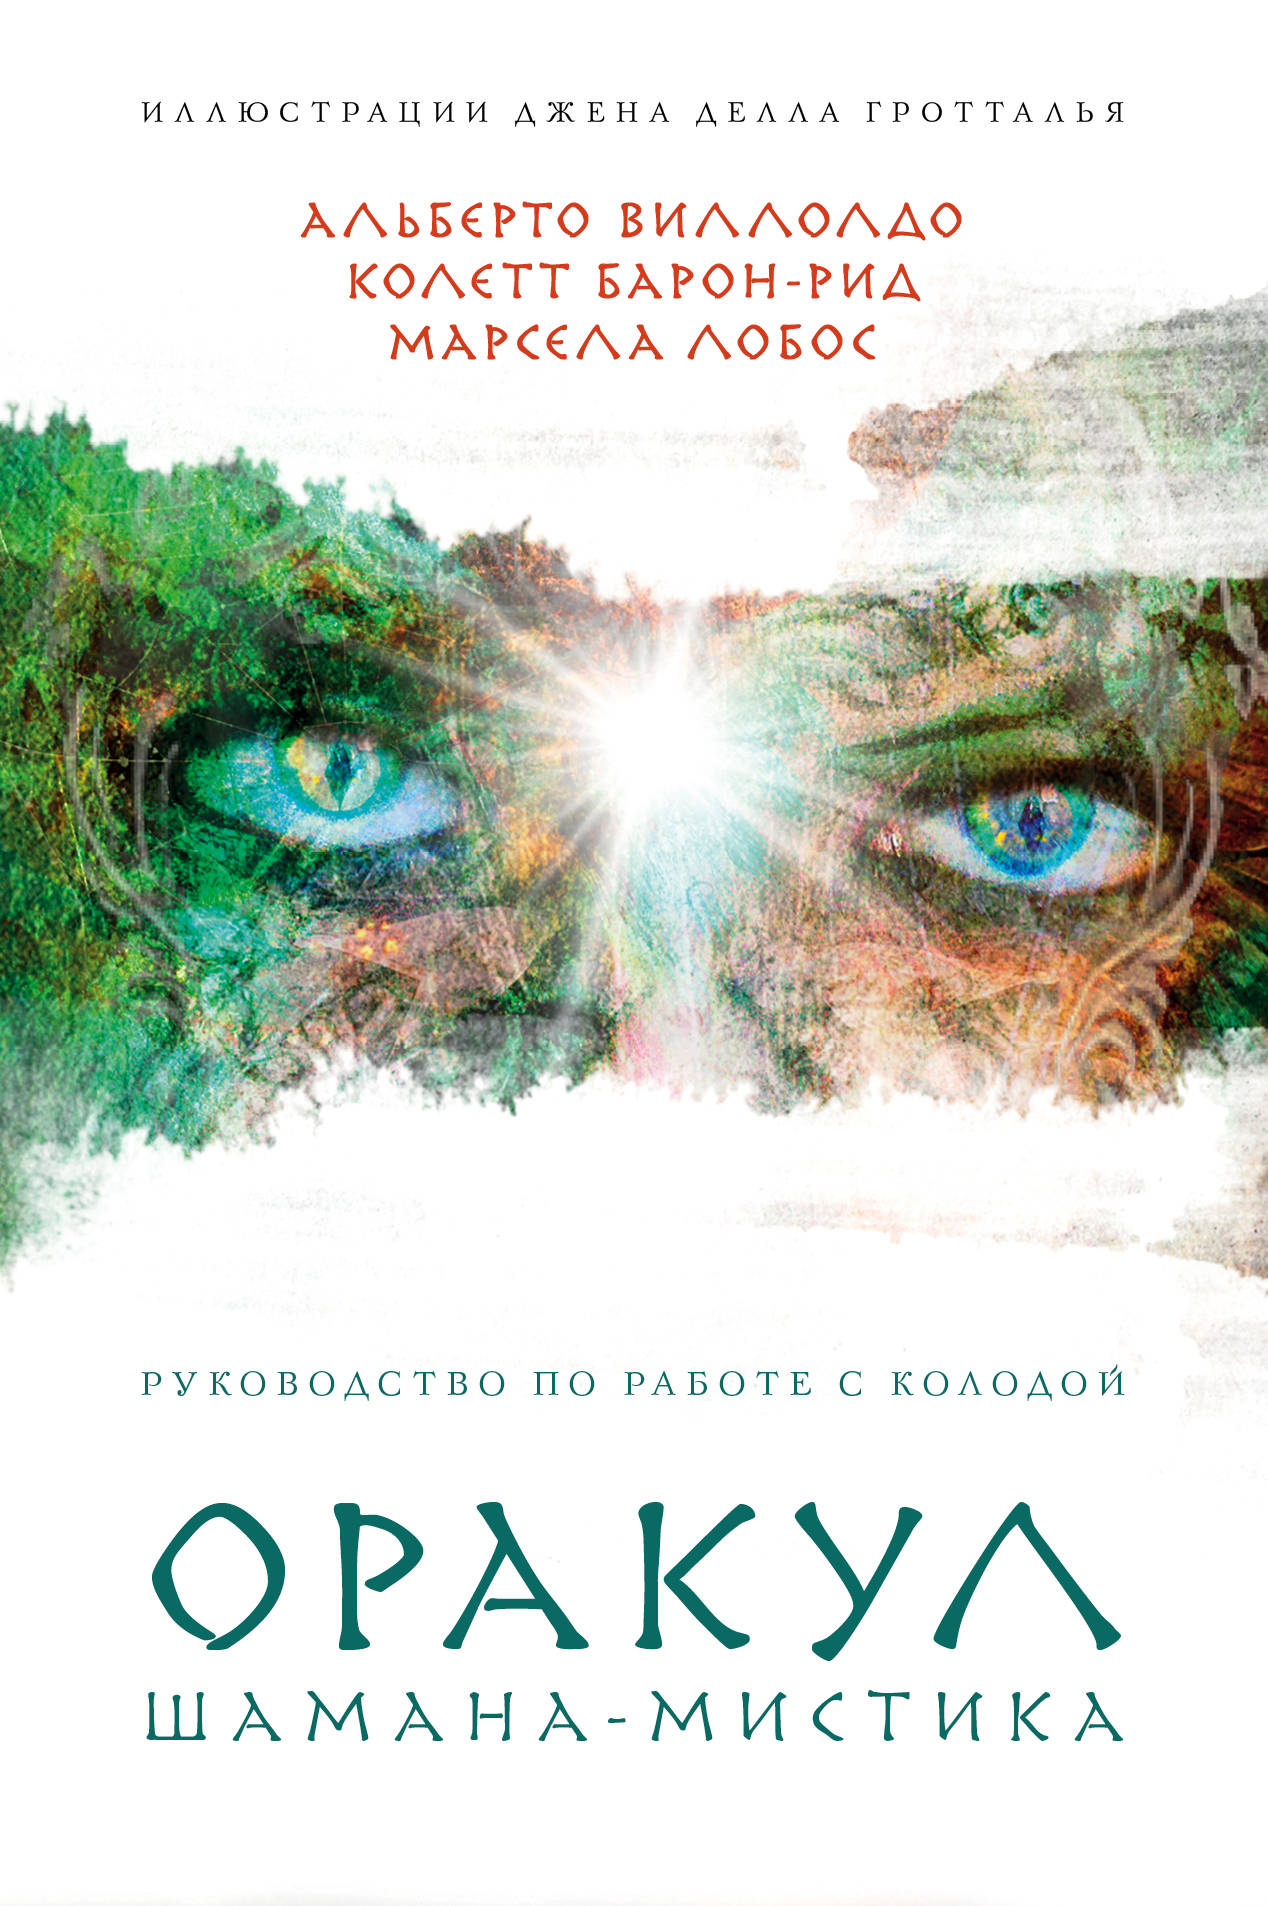 Orakul Shamana-mistika (64 karty i rukovodstvo dlja gadanija v podarochnom futljare)